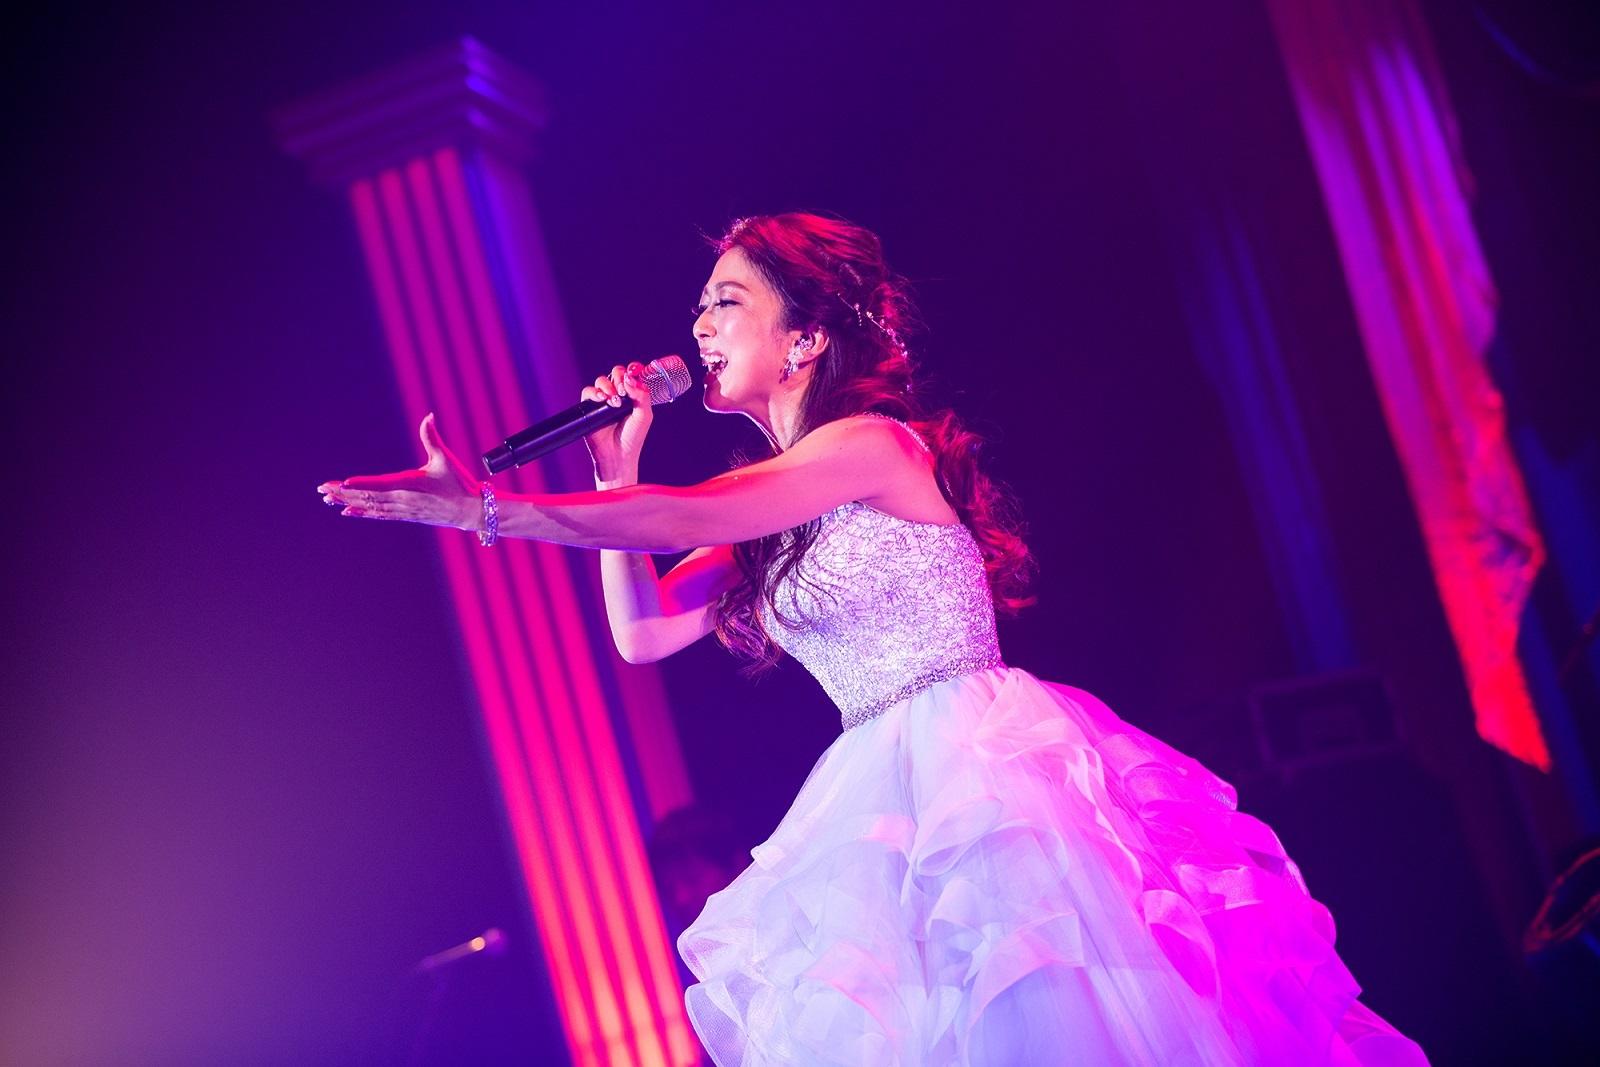 アニソンシンガー「Lia」キャリア初のアコースティックライブが開催 ...